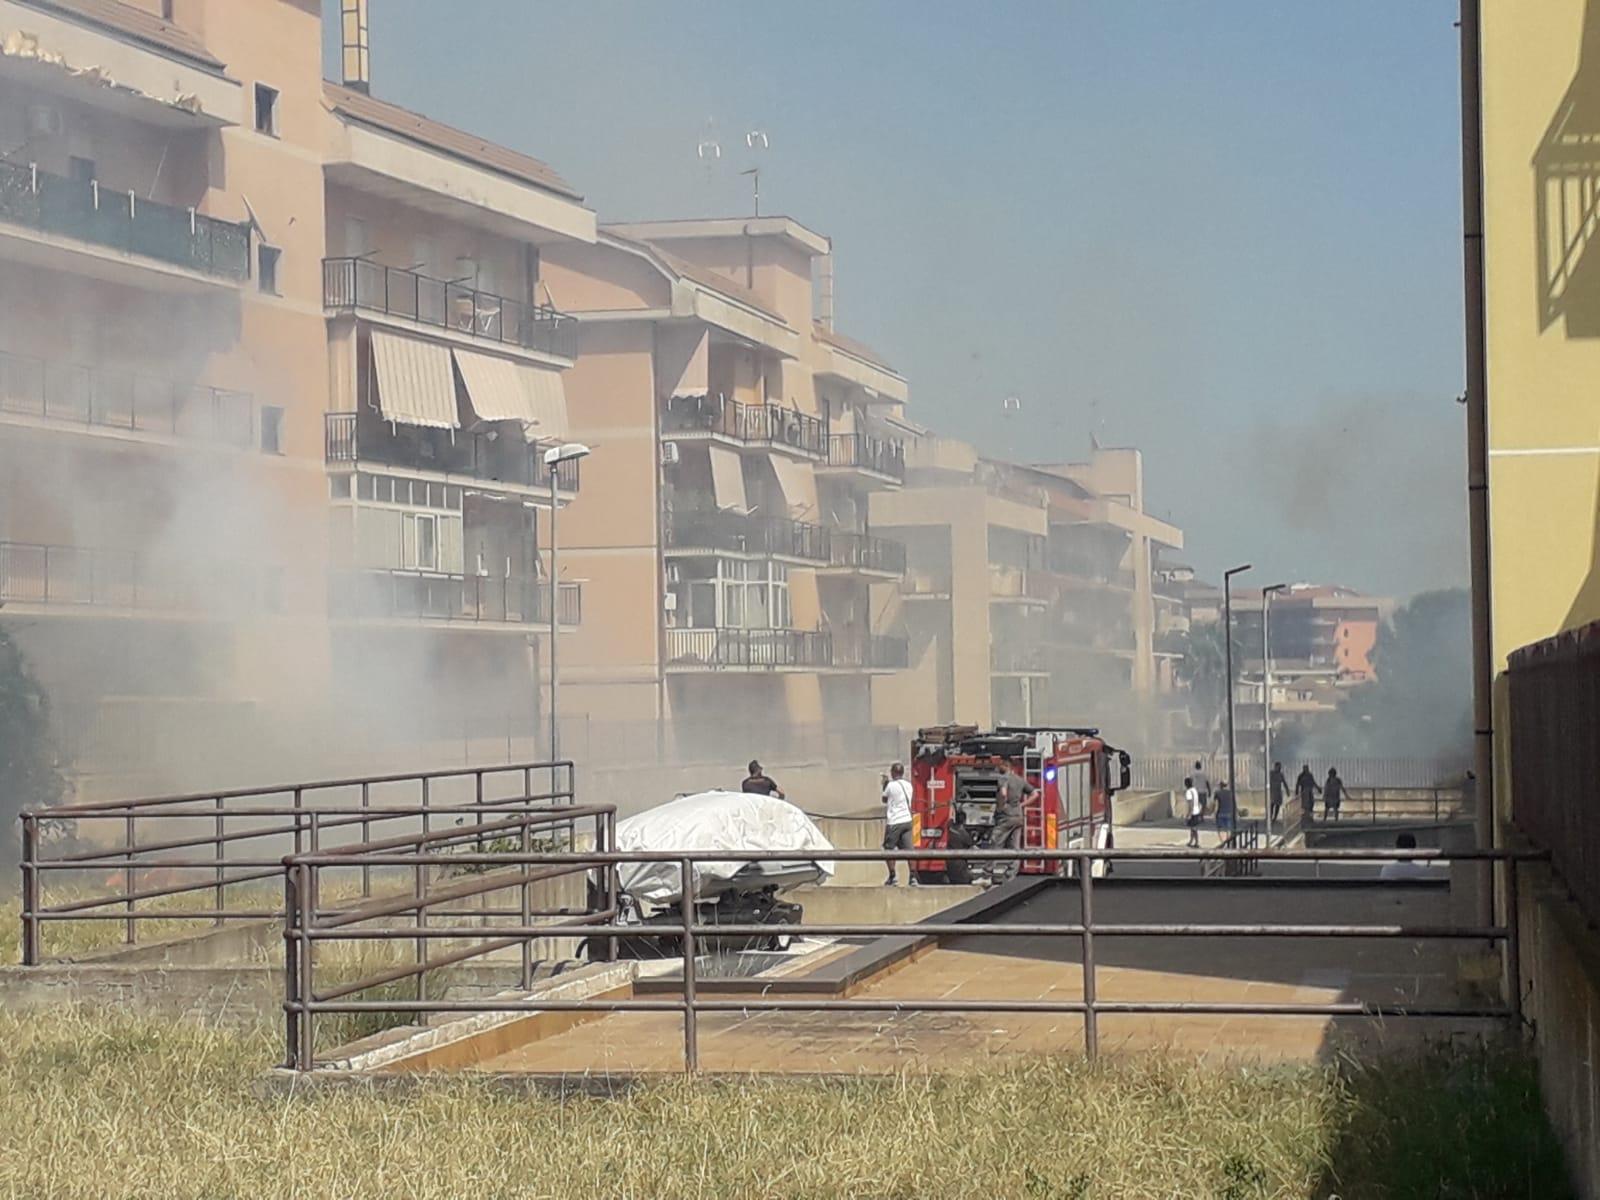 Fuoco, fumo e fiamme a Floridia per un incendio in viale Pietro Nenni